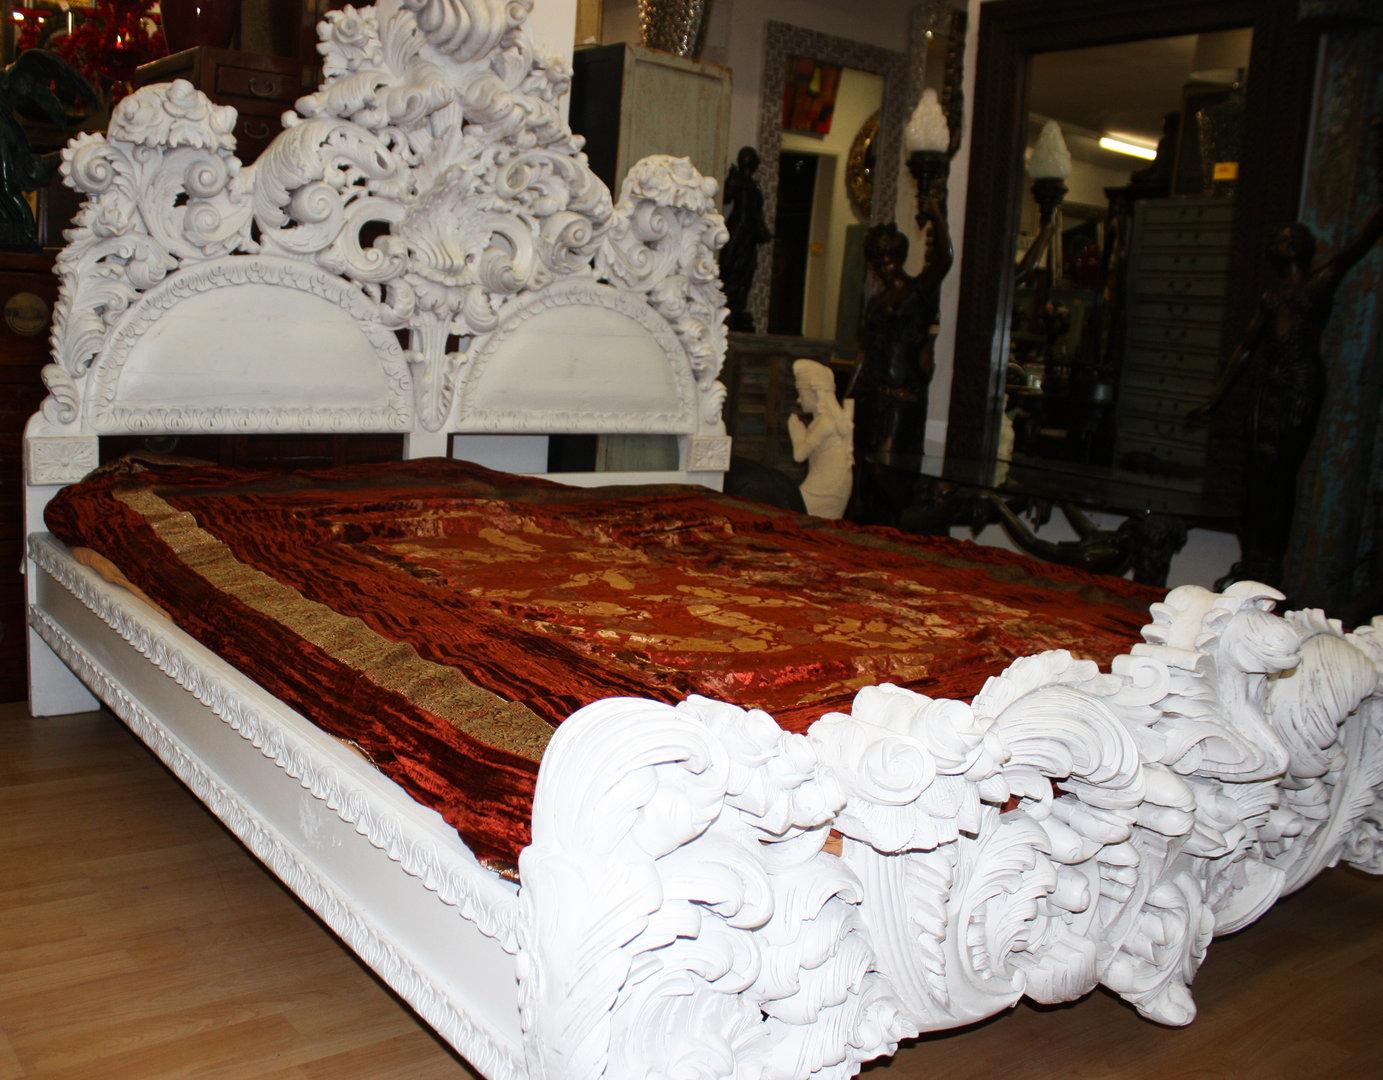 Full Size of 862 Bett Barock Wei Schwarzer Elefant Außergewöhnliche Betten Landhausstil Even Better Clinique Amazon 180x200 Erhöhtes Bette Starlet Eiche Sonoma Dico Bett Bett Barock